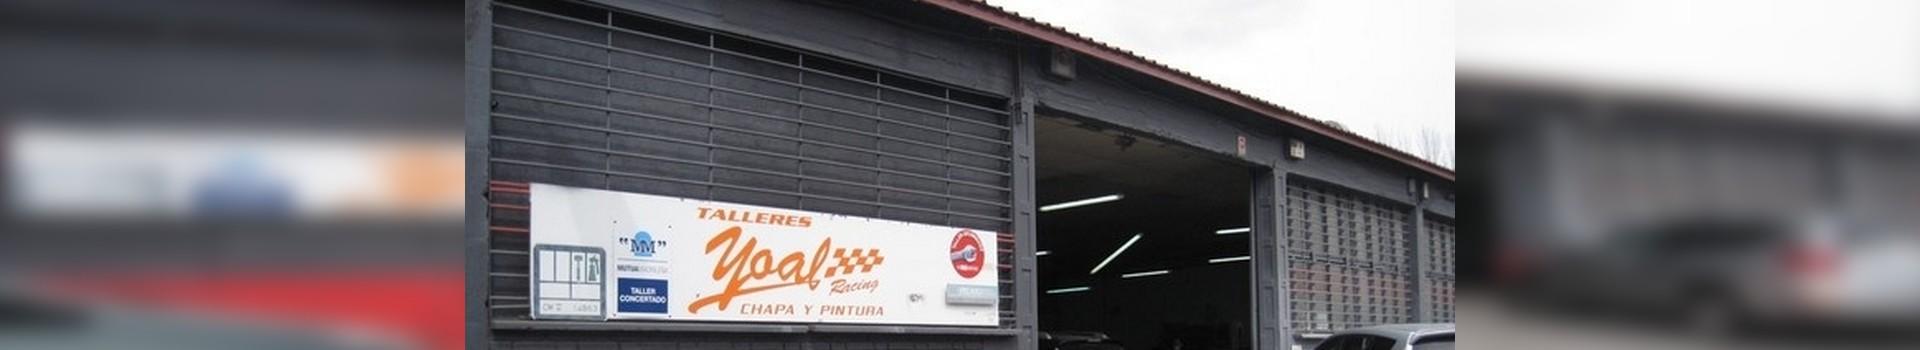 taller de chapa pelayo en alcobendas, taller de chapa mapfre en cobendas